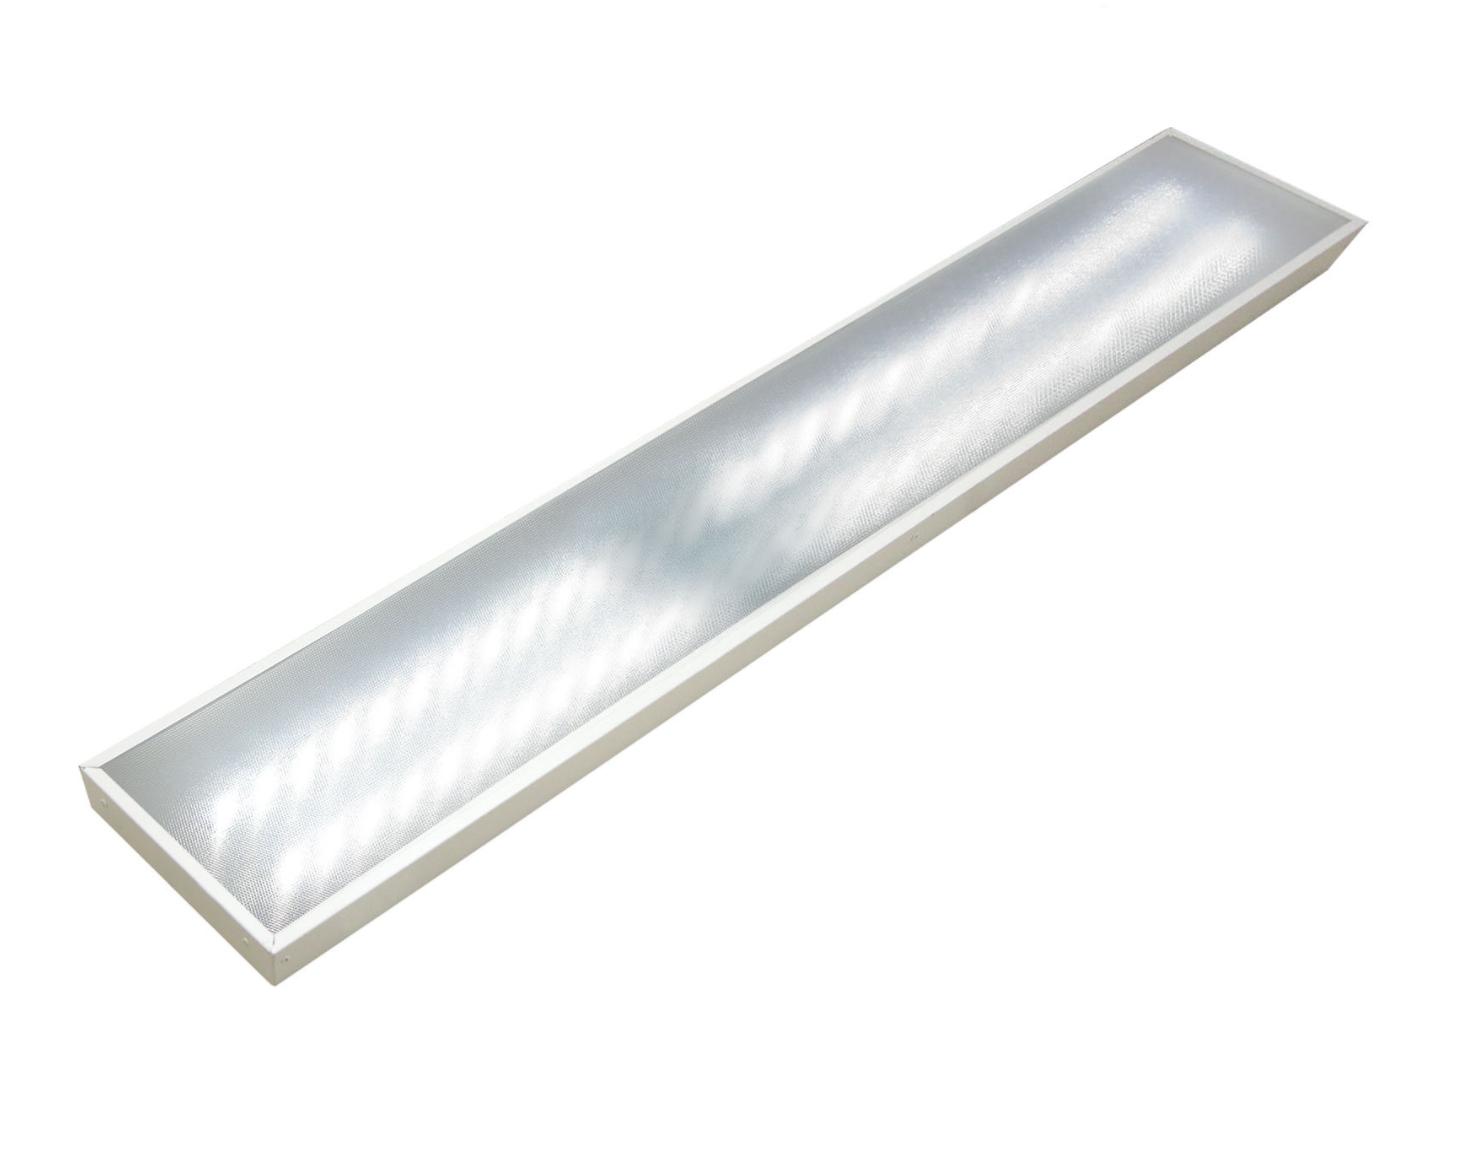 Офисный светодиодный светильник Айсберг Премиум-44 44Вт 5777Лм